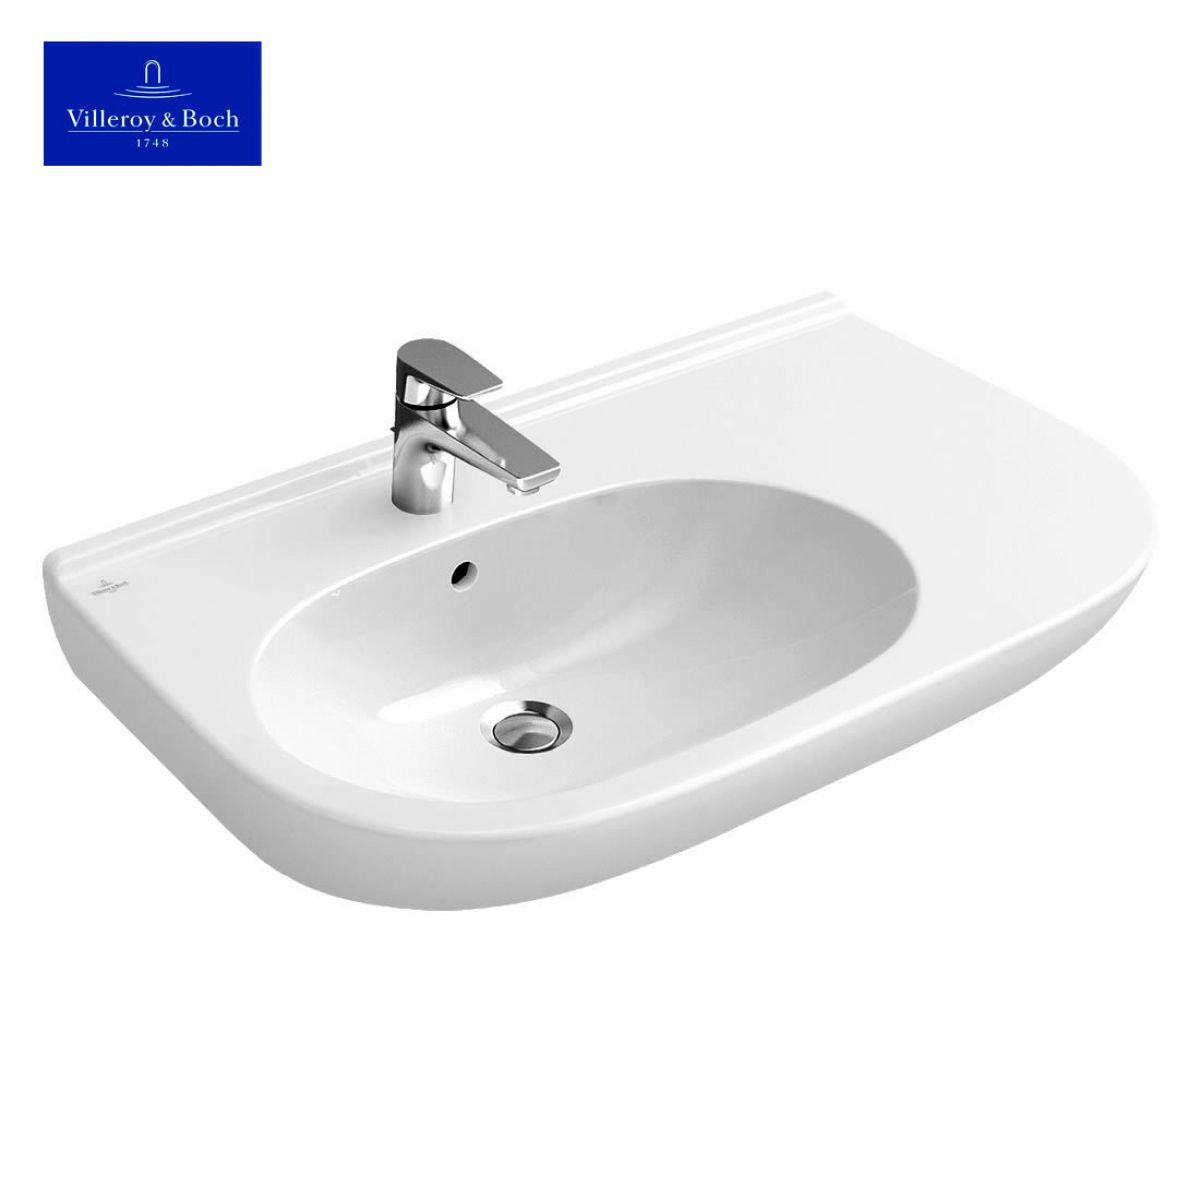 villeroy boch o novo offset washbasin uk bathrooms. Black Bedroom Furniture Sets. Home Design Ideas